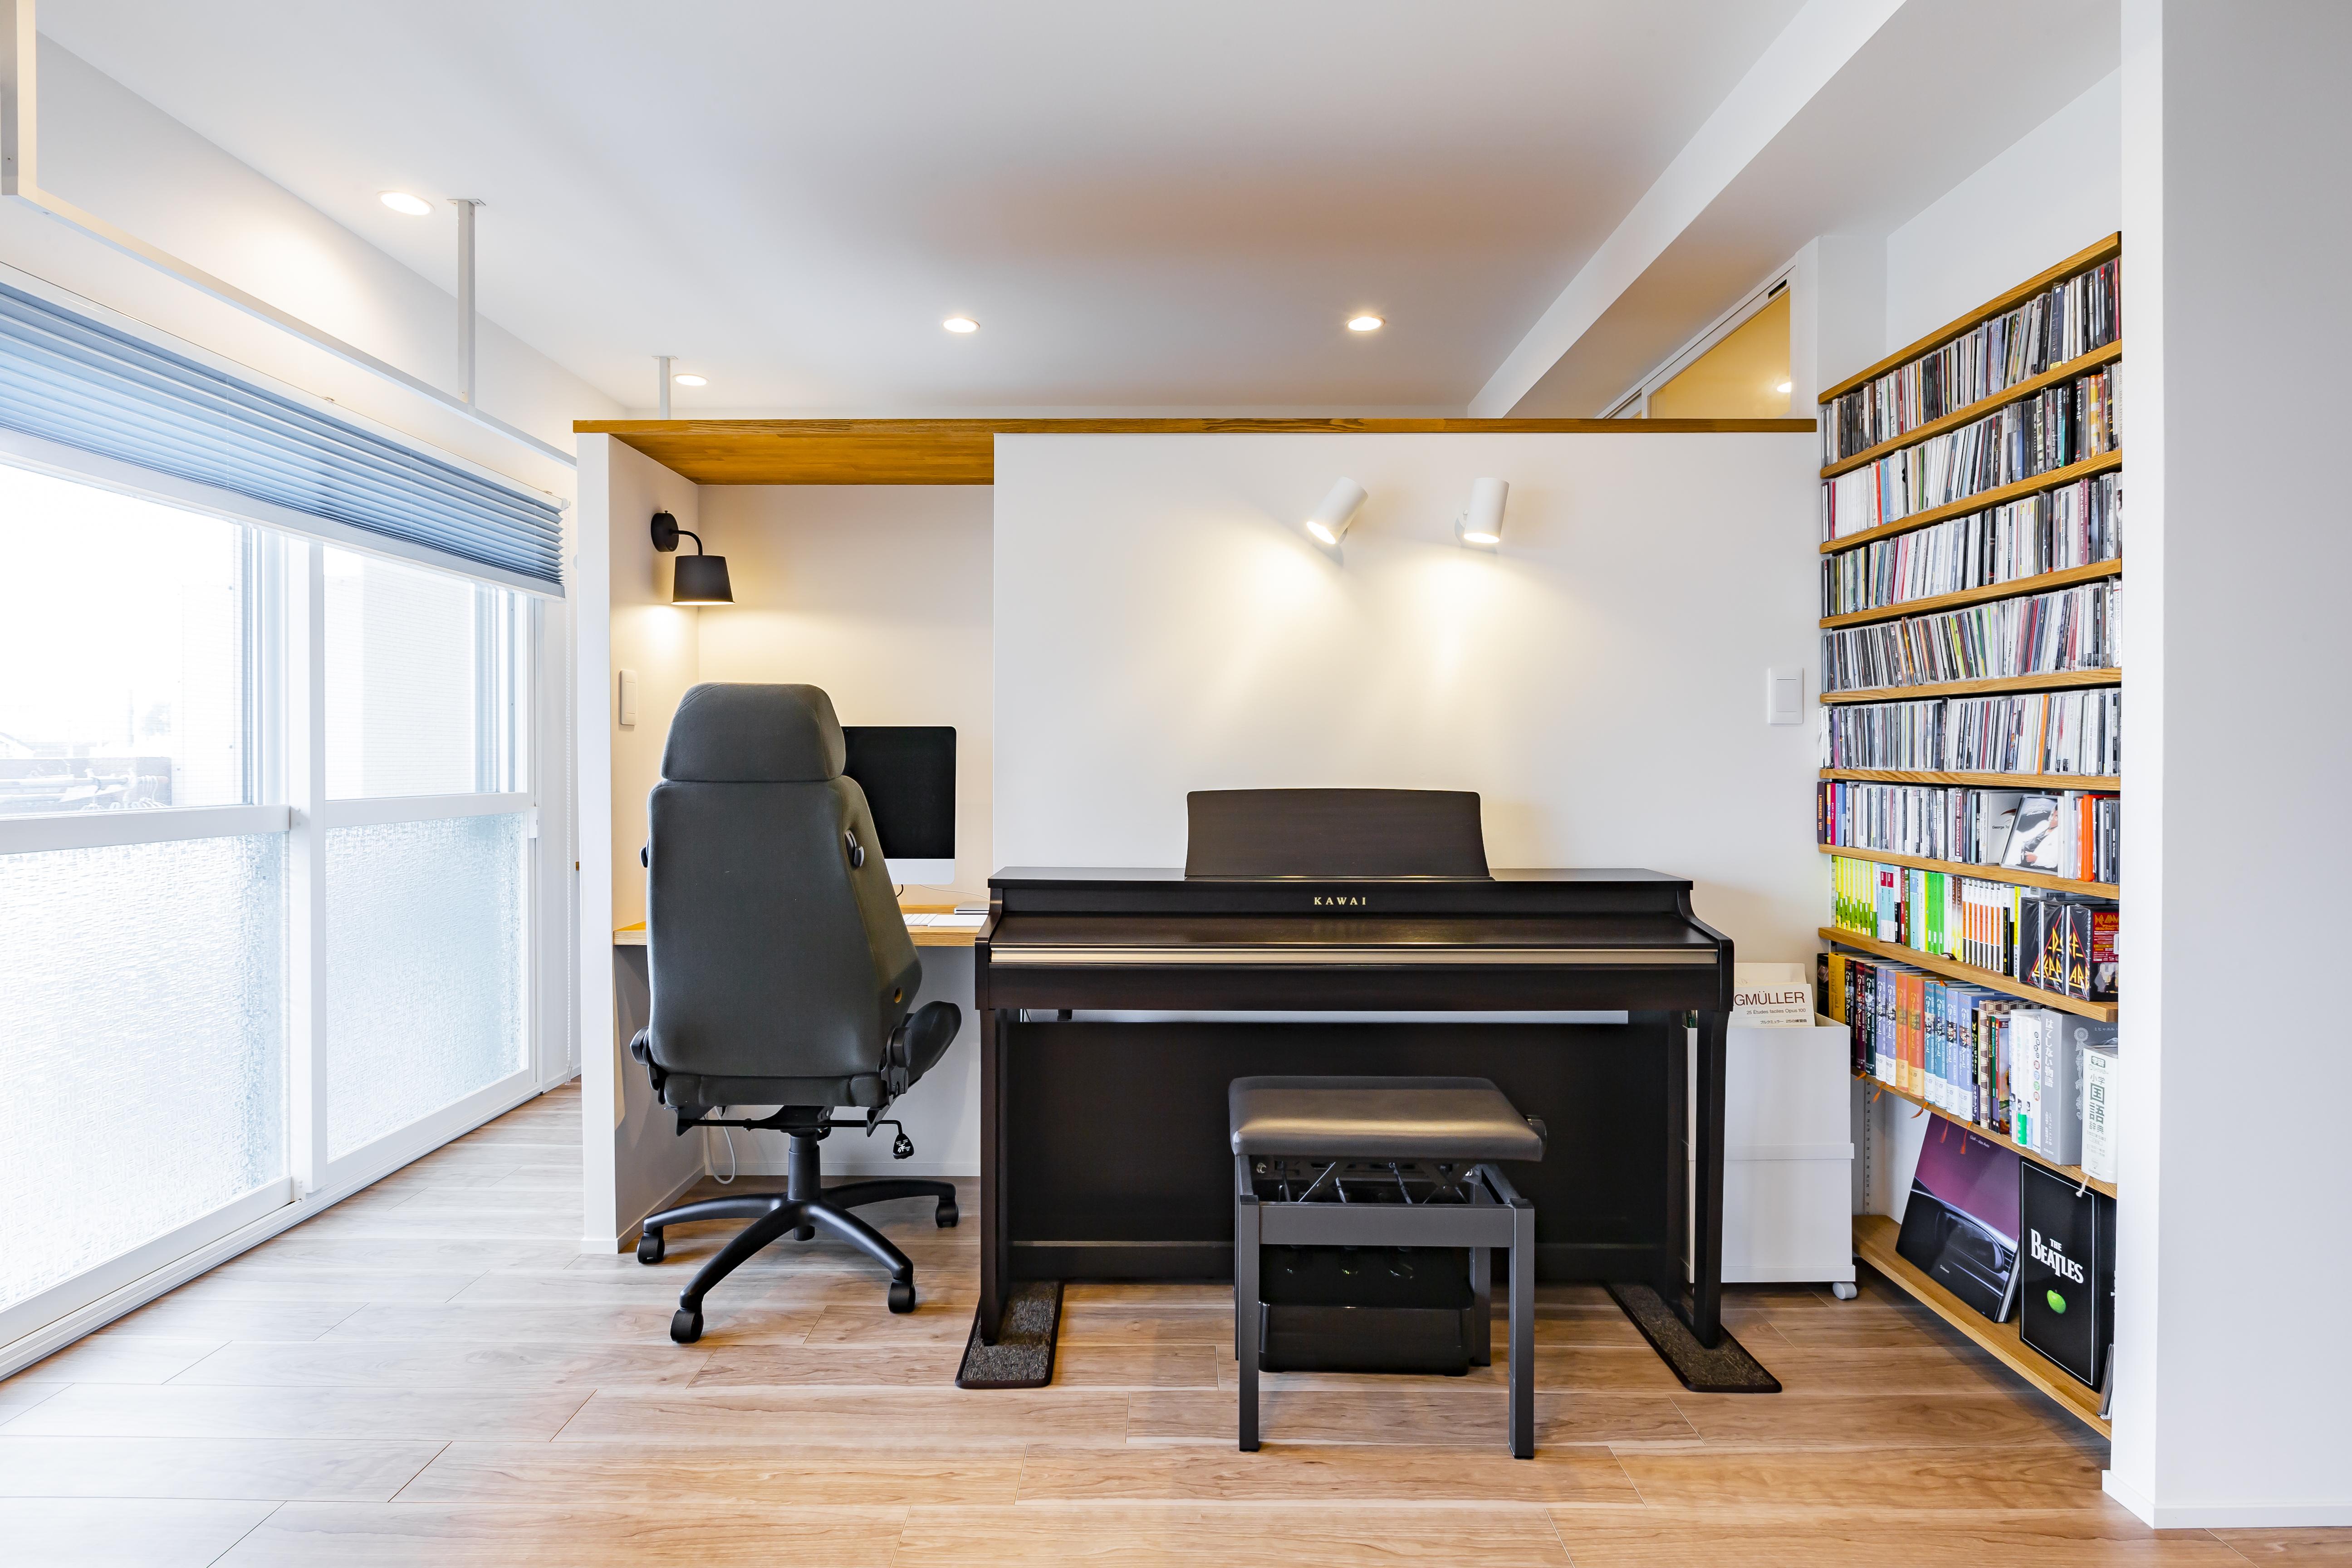 マンションリノベでリビングには書斎とクローゼットを作りました